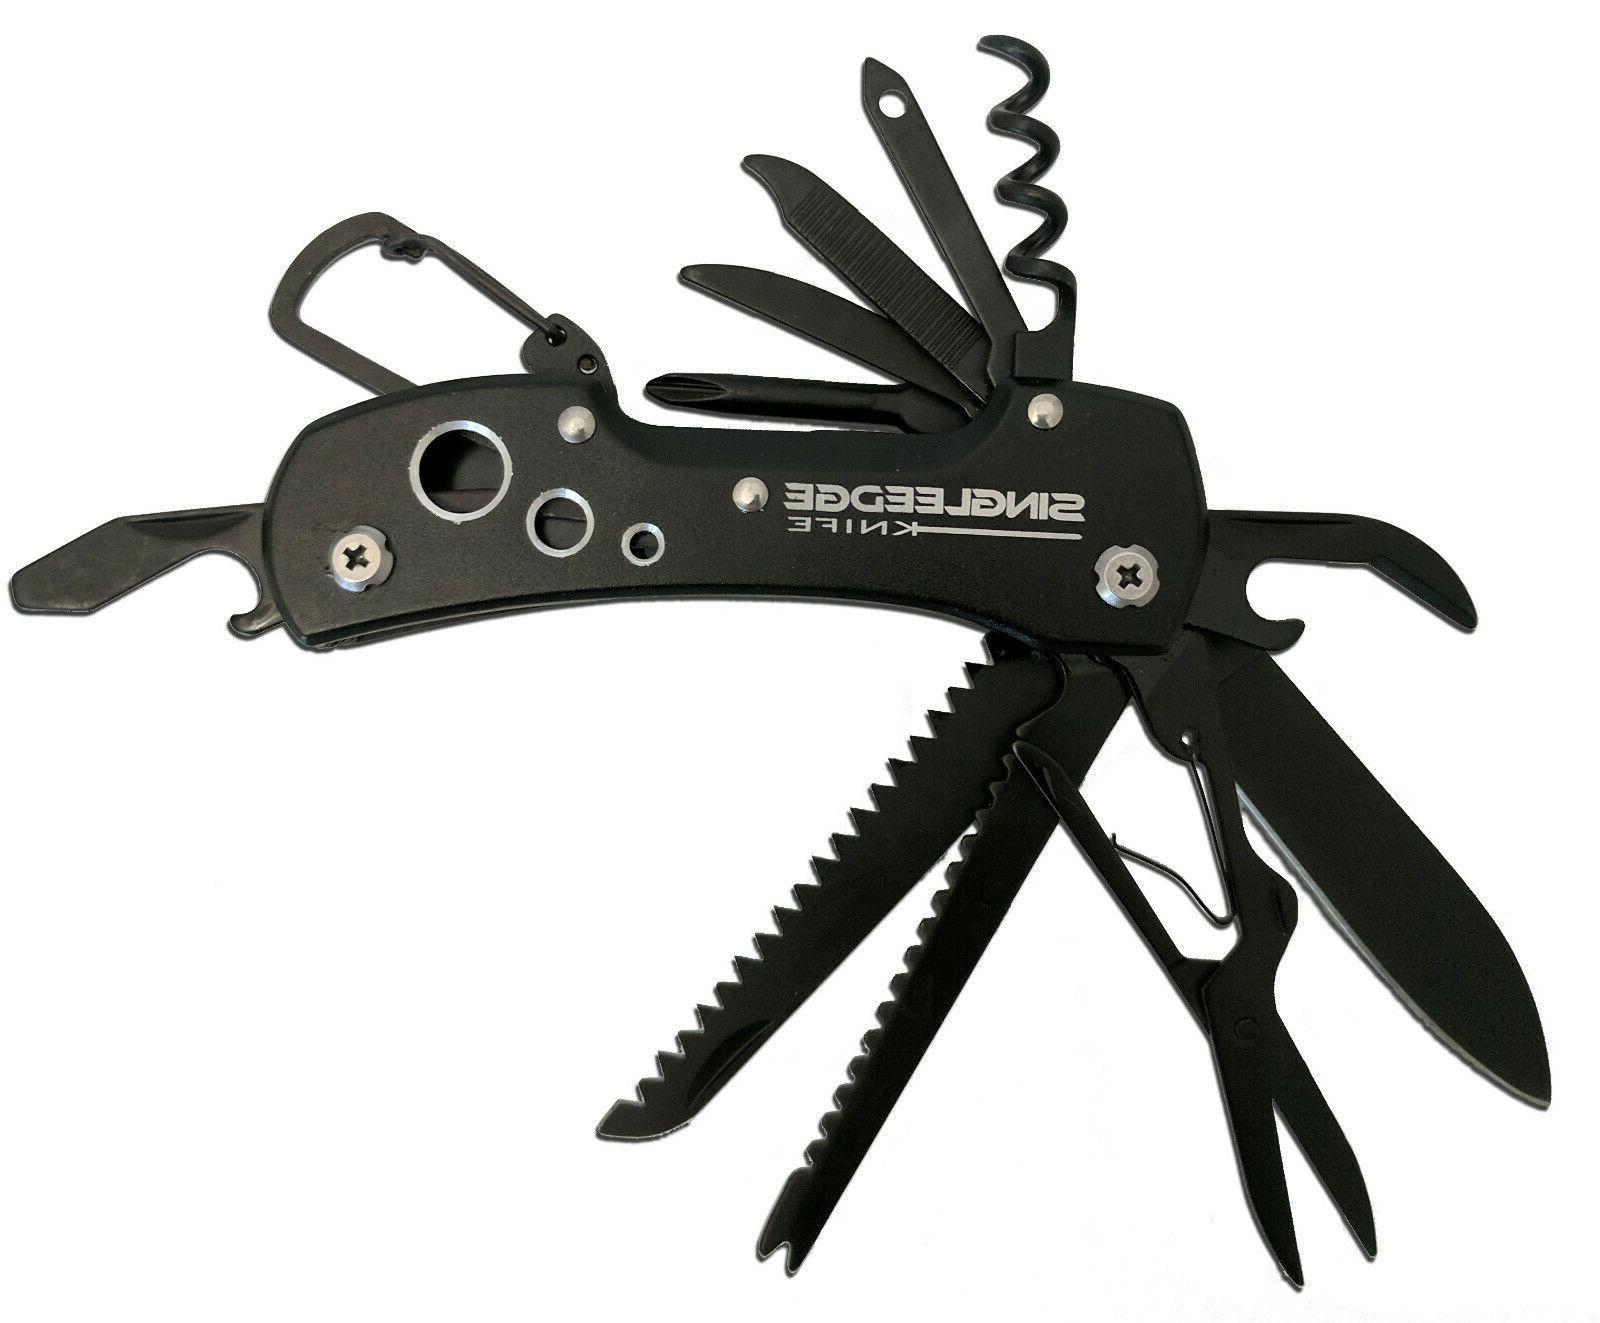 titanium black multi tool style pocket knife